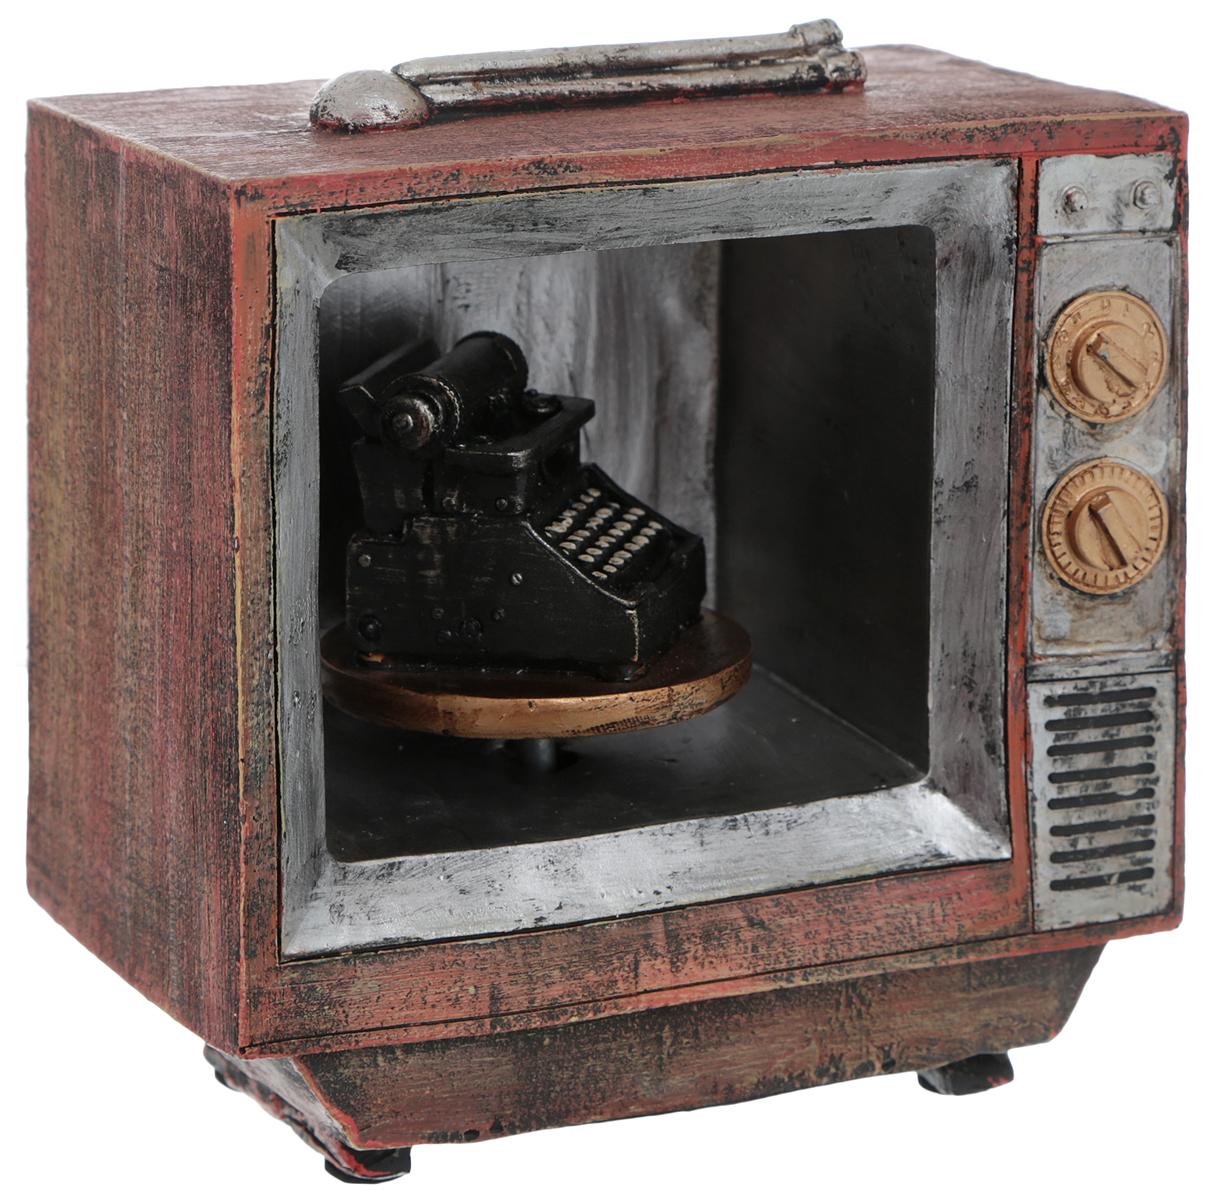 Сувенир Miolla Ретротелевизор, музыкальный, 13 см х 7 см х 13,5 смTHN132NОригинальный сувенир Miolla Ретротелевизор, выполненный из полирезина в виде старого телевизора, станет отличным подарком для человека, ценящего забавные и необычные подарки. Изделие оснащено фигуркой печатной машинки, повернув которую, сувенир начнет издавать приятную мелодию.Сувенир Miolla Ретро телевизор с таким необычным дизайном станет приятным и неожиданным подарком для своего получателя.